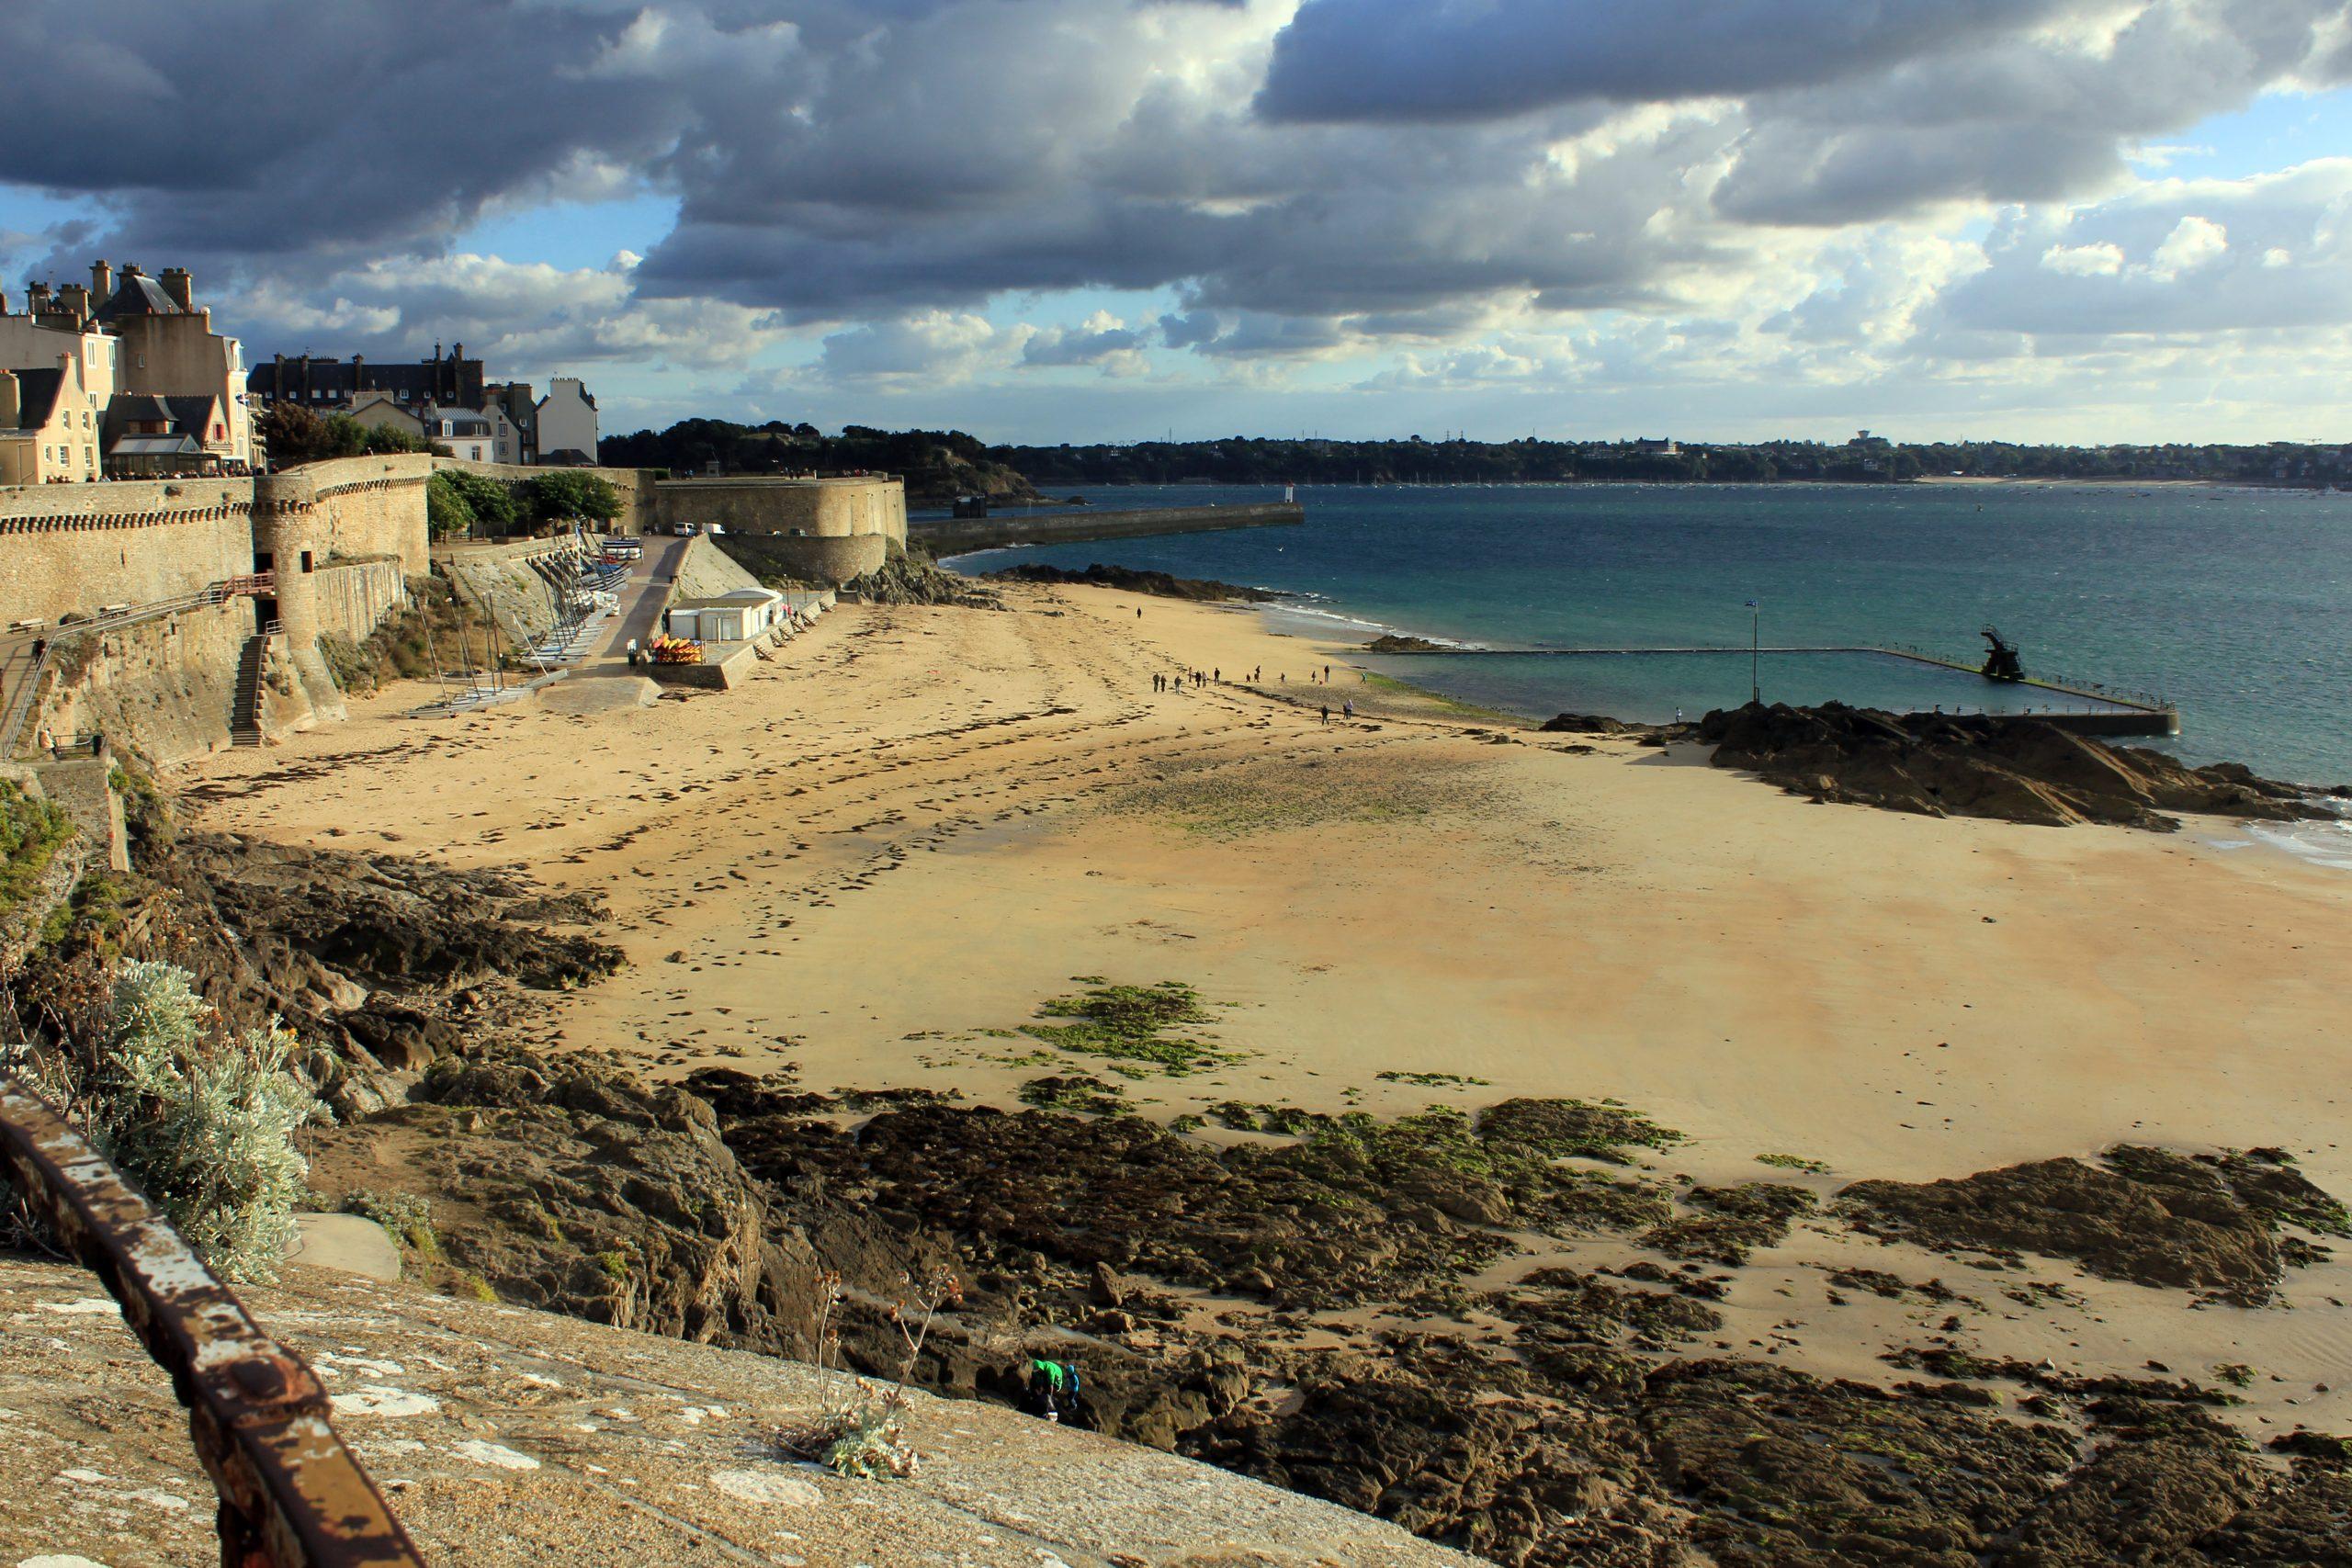 File:plage Du Bonsecours À Saint-Malo.jpg - Wikimedia Commons concernant Piscine St Malo